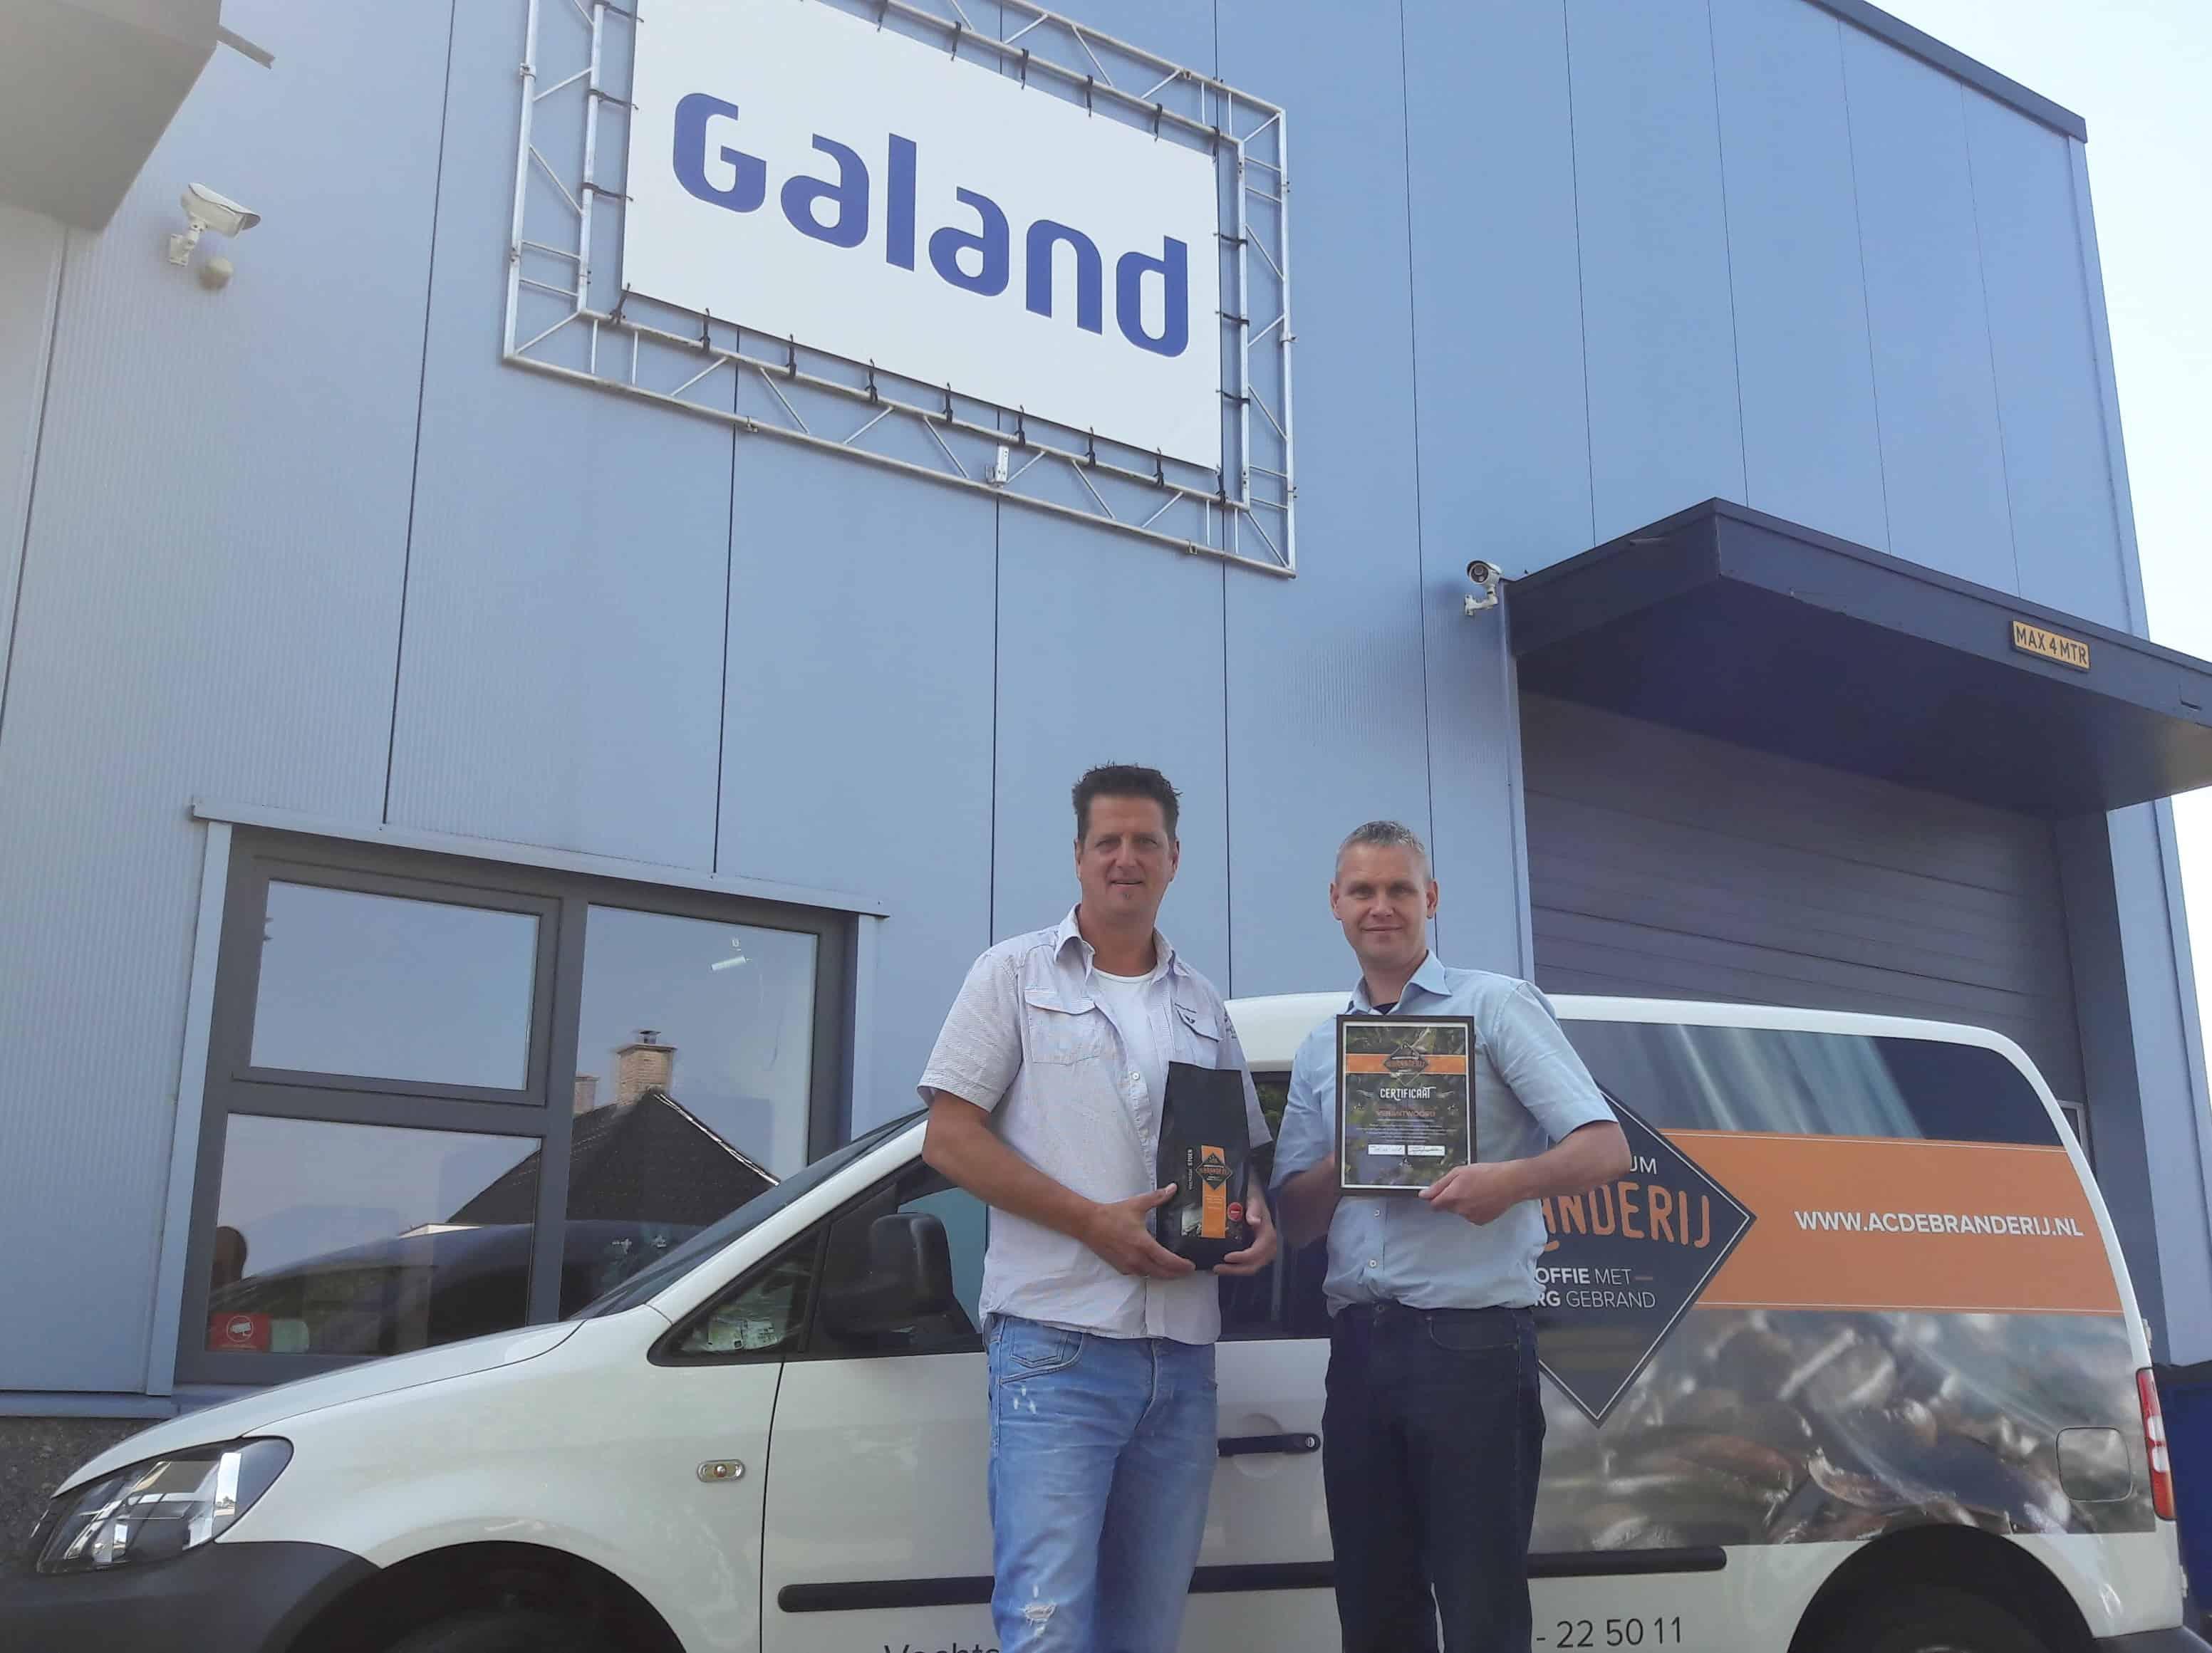 Branderij certificaat voor Galand BV MVO